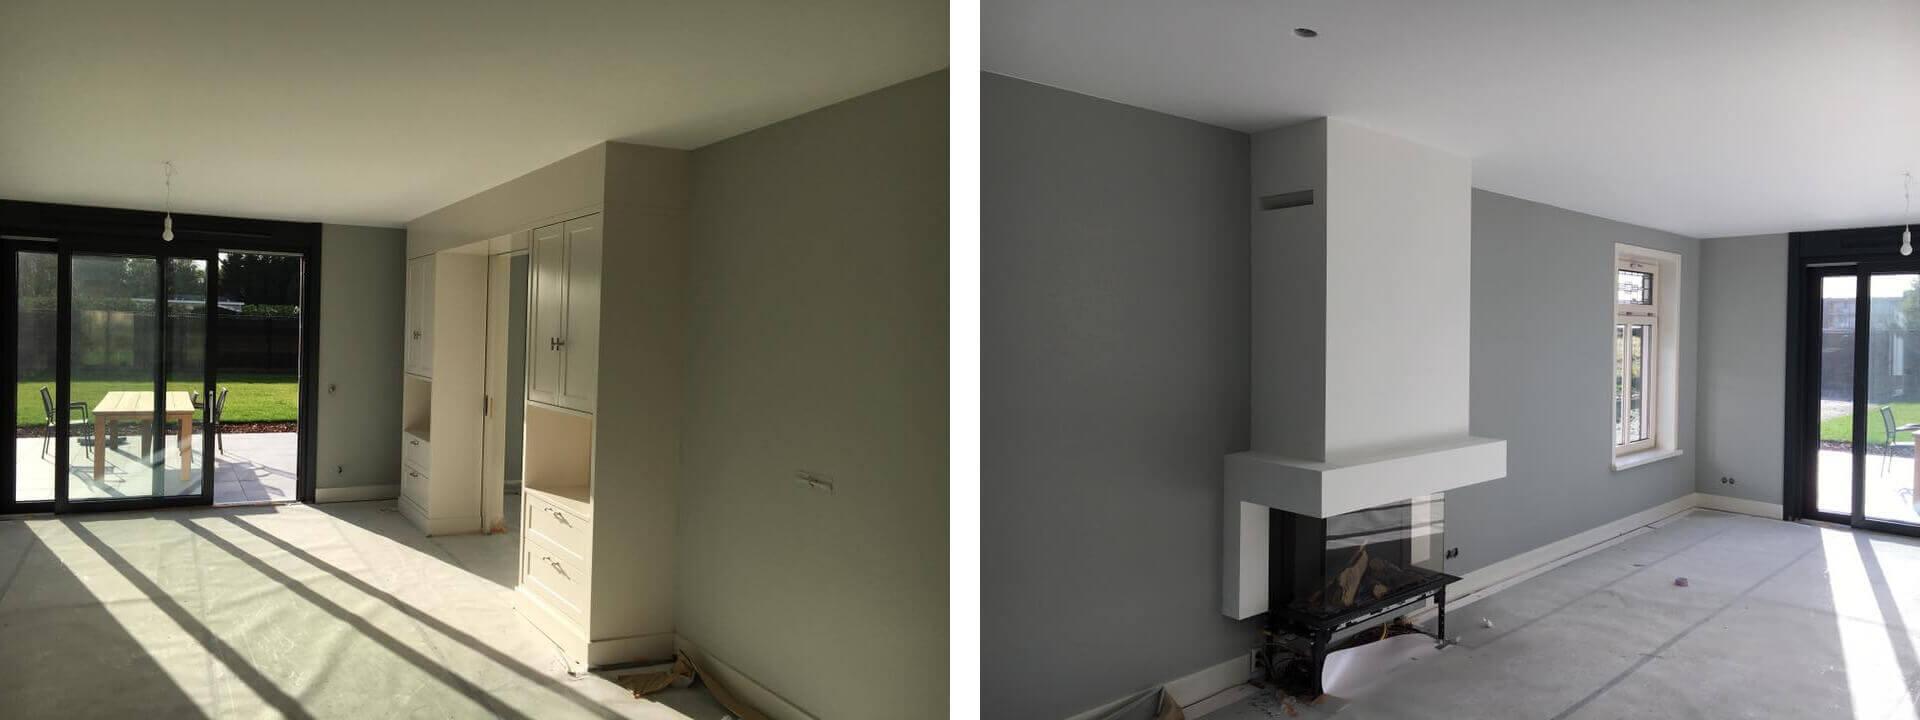 Voordelig latex spuiten op muren en plafonds - Allworks Stuc- en Spuitwerken